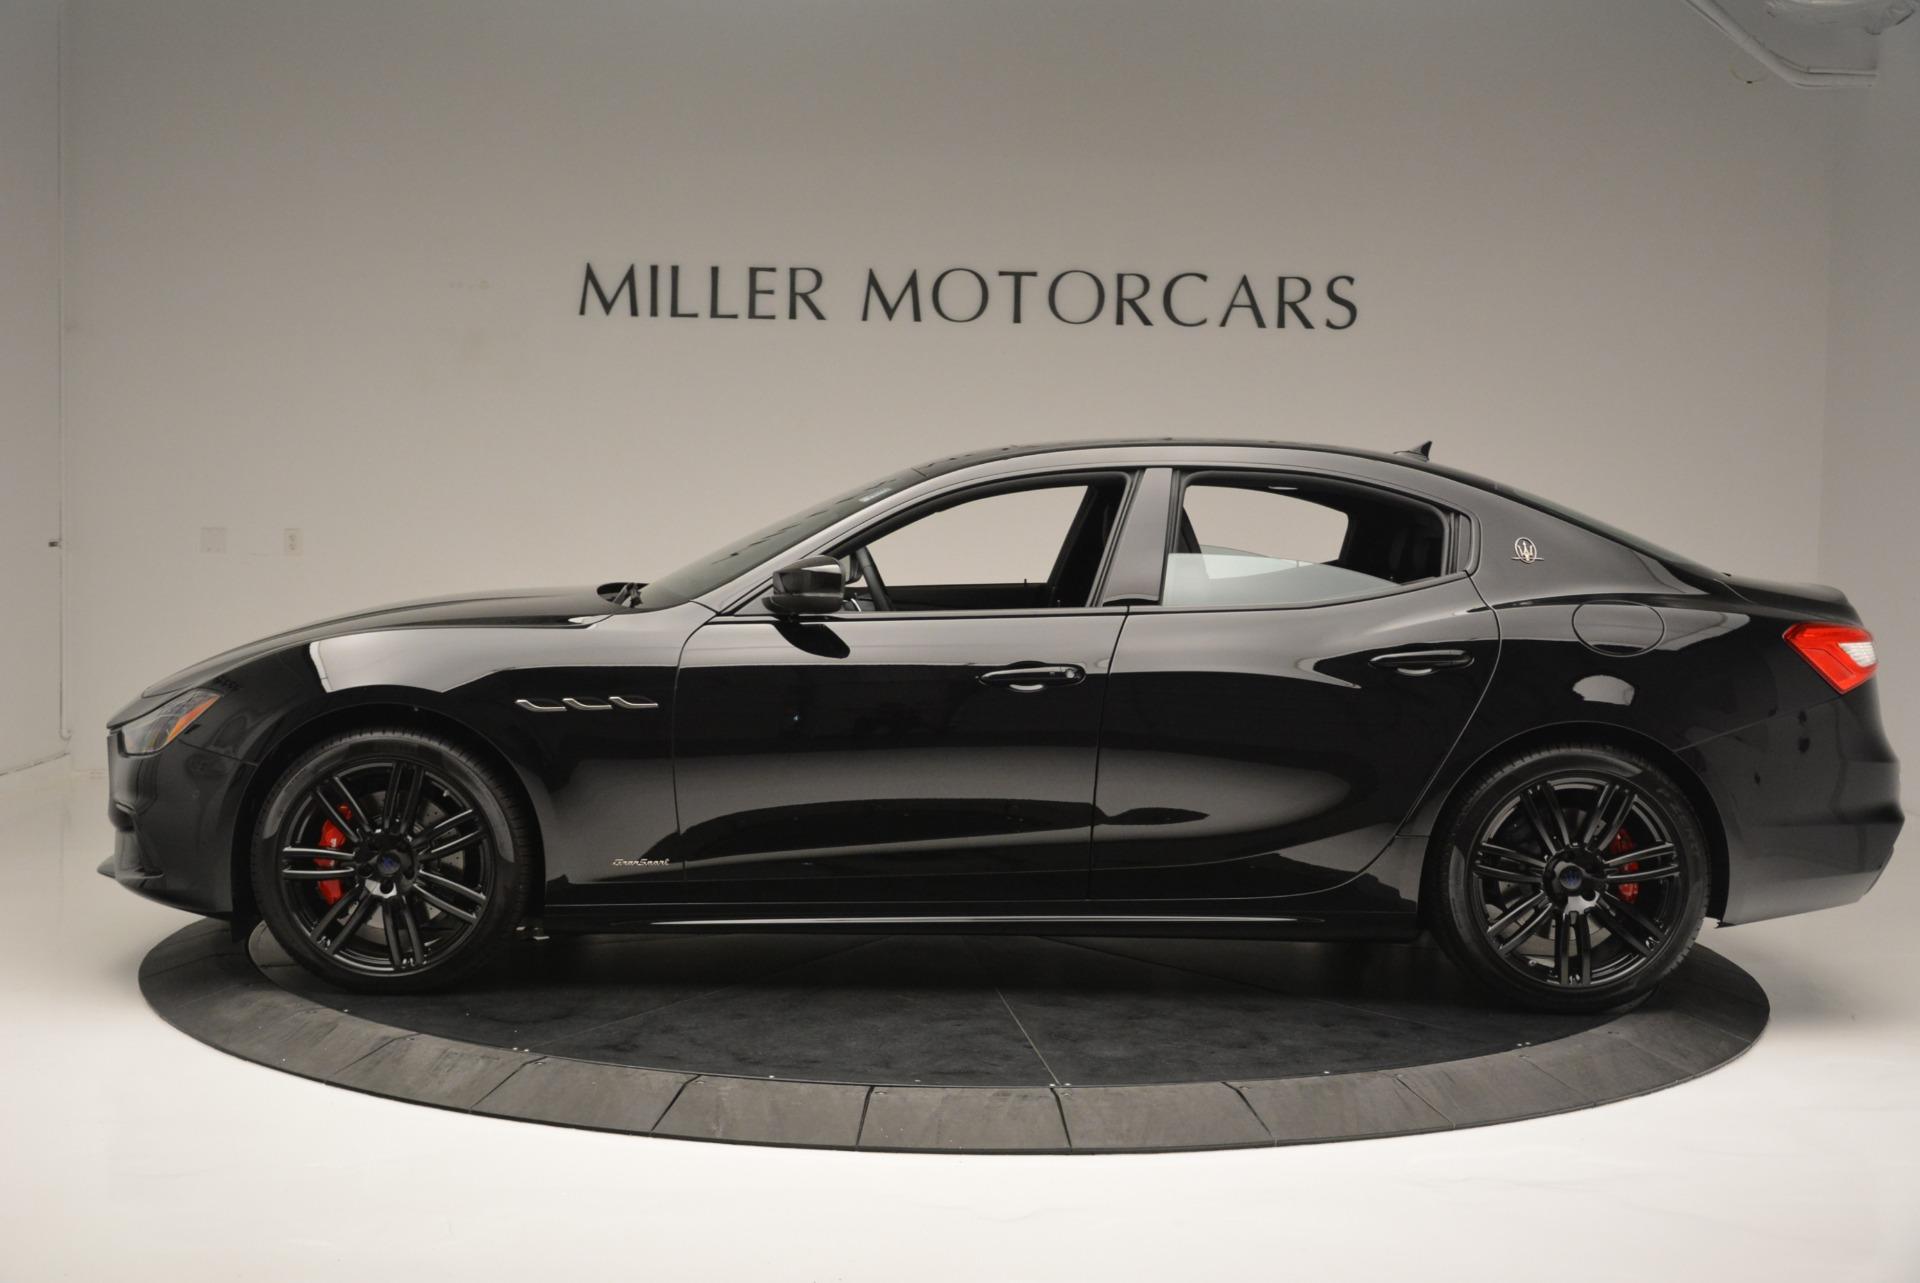 New 2018 Maserati Ghibli SQ4 GranSport Nerissimo For Sale In Greenwich, CT 2368_p3